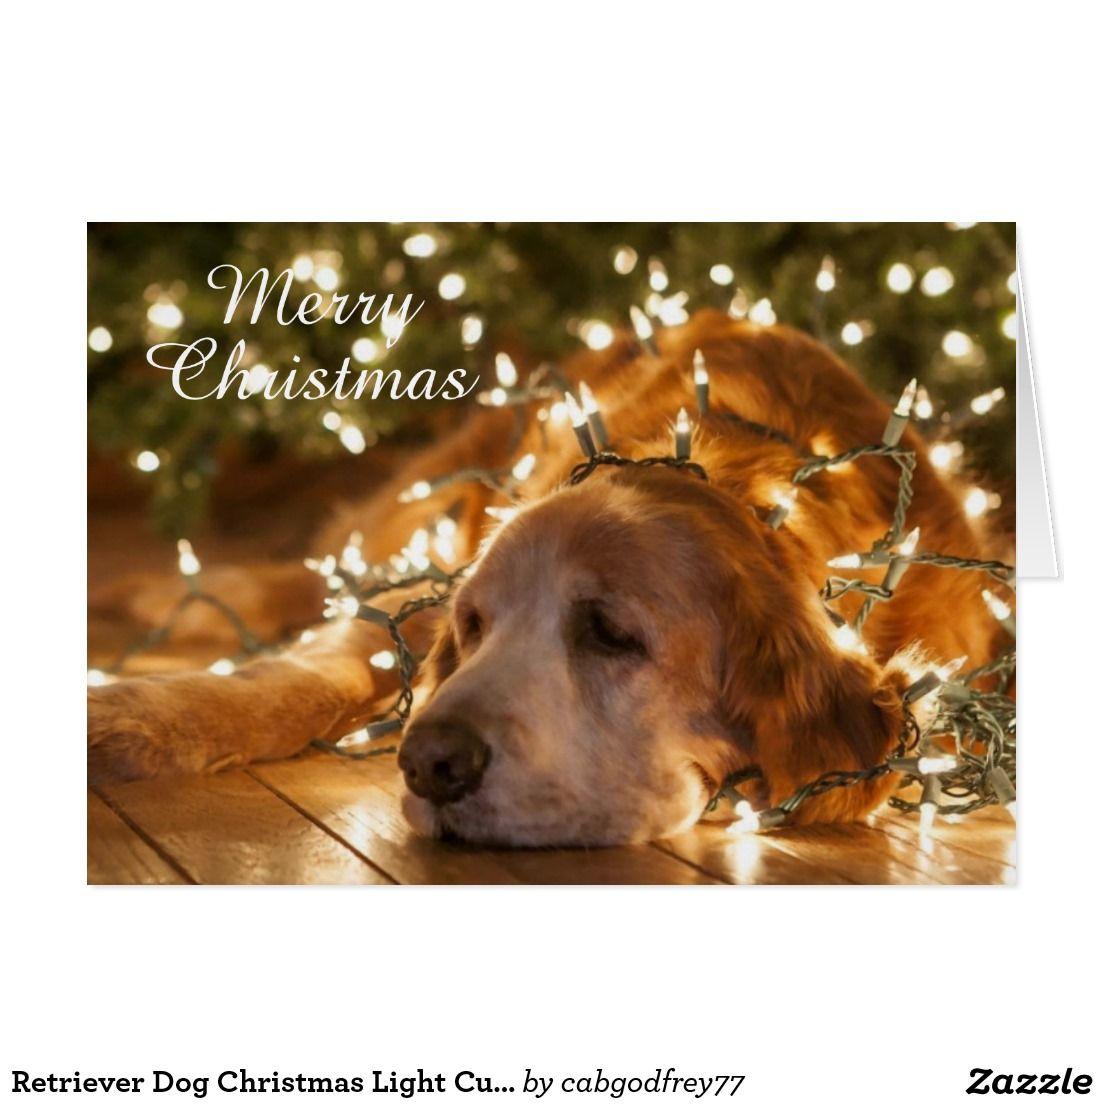 Retriever Dog Christmas Light Custom Greeting Card Funny Cute